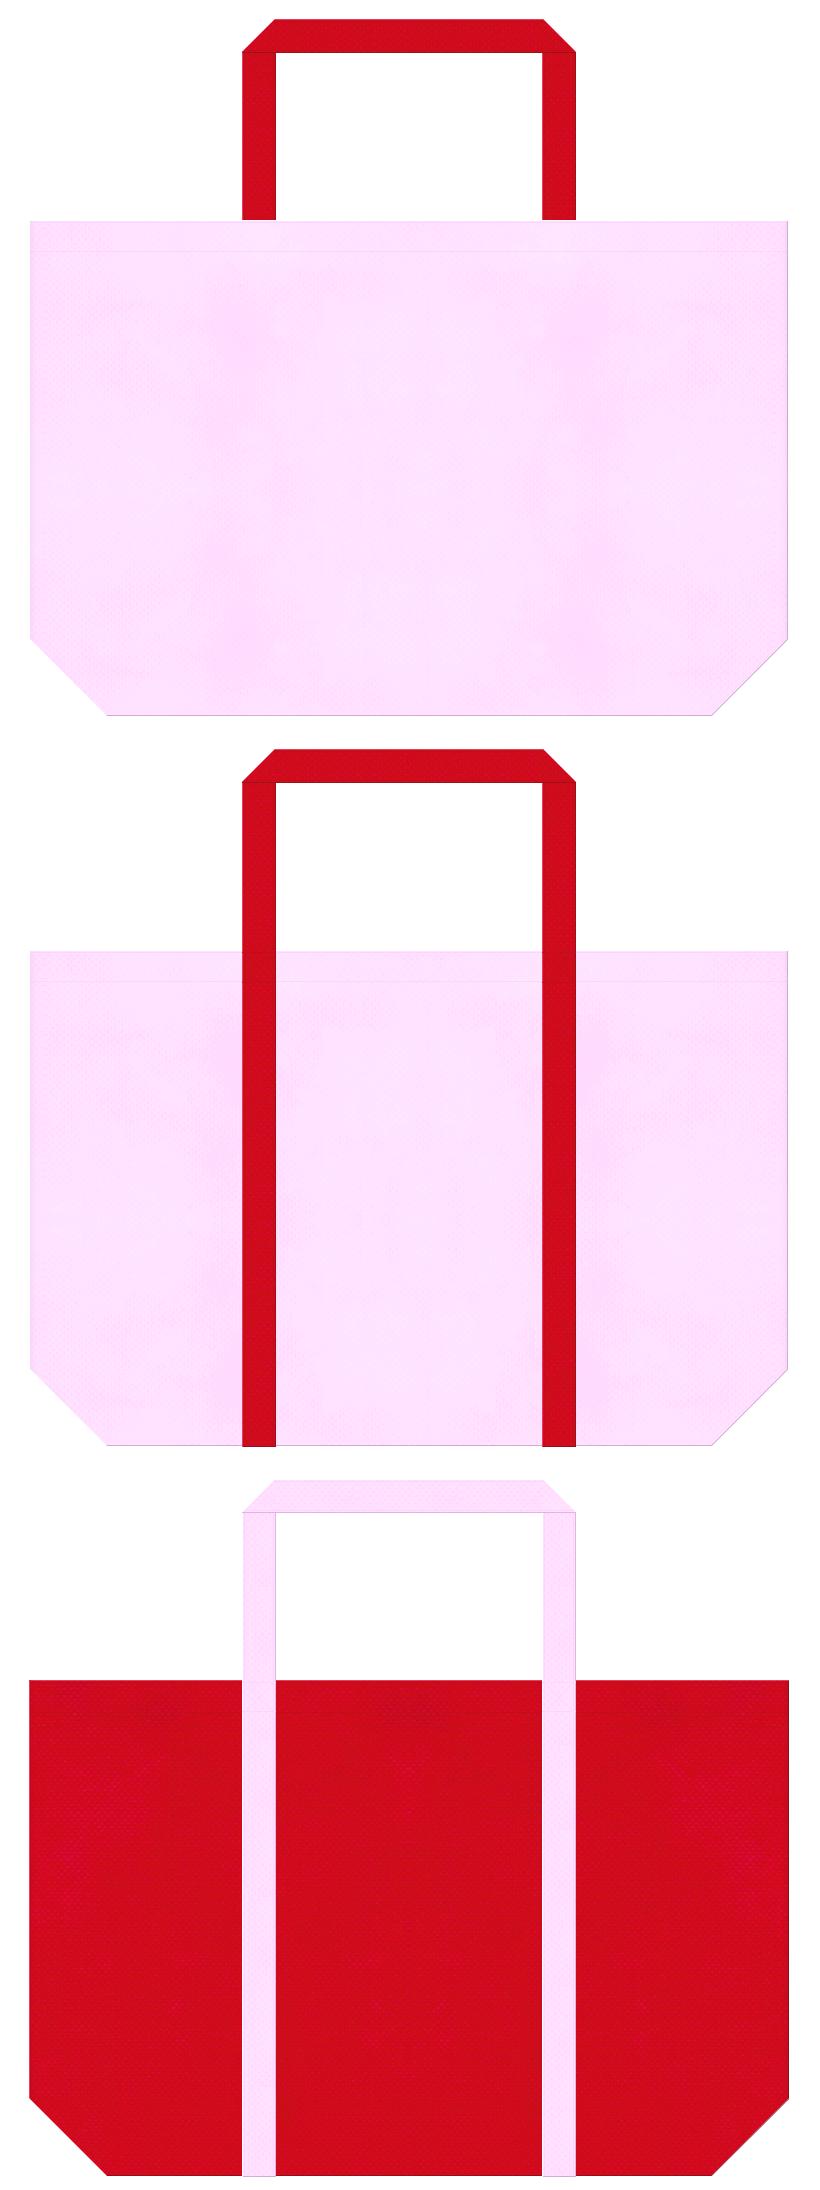 明るいピンク色と紅色の不織布ショッピングバッグデザイン:母の日ギフトのショッピングバッグにお奨めの配色です。